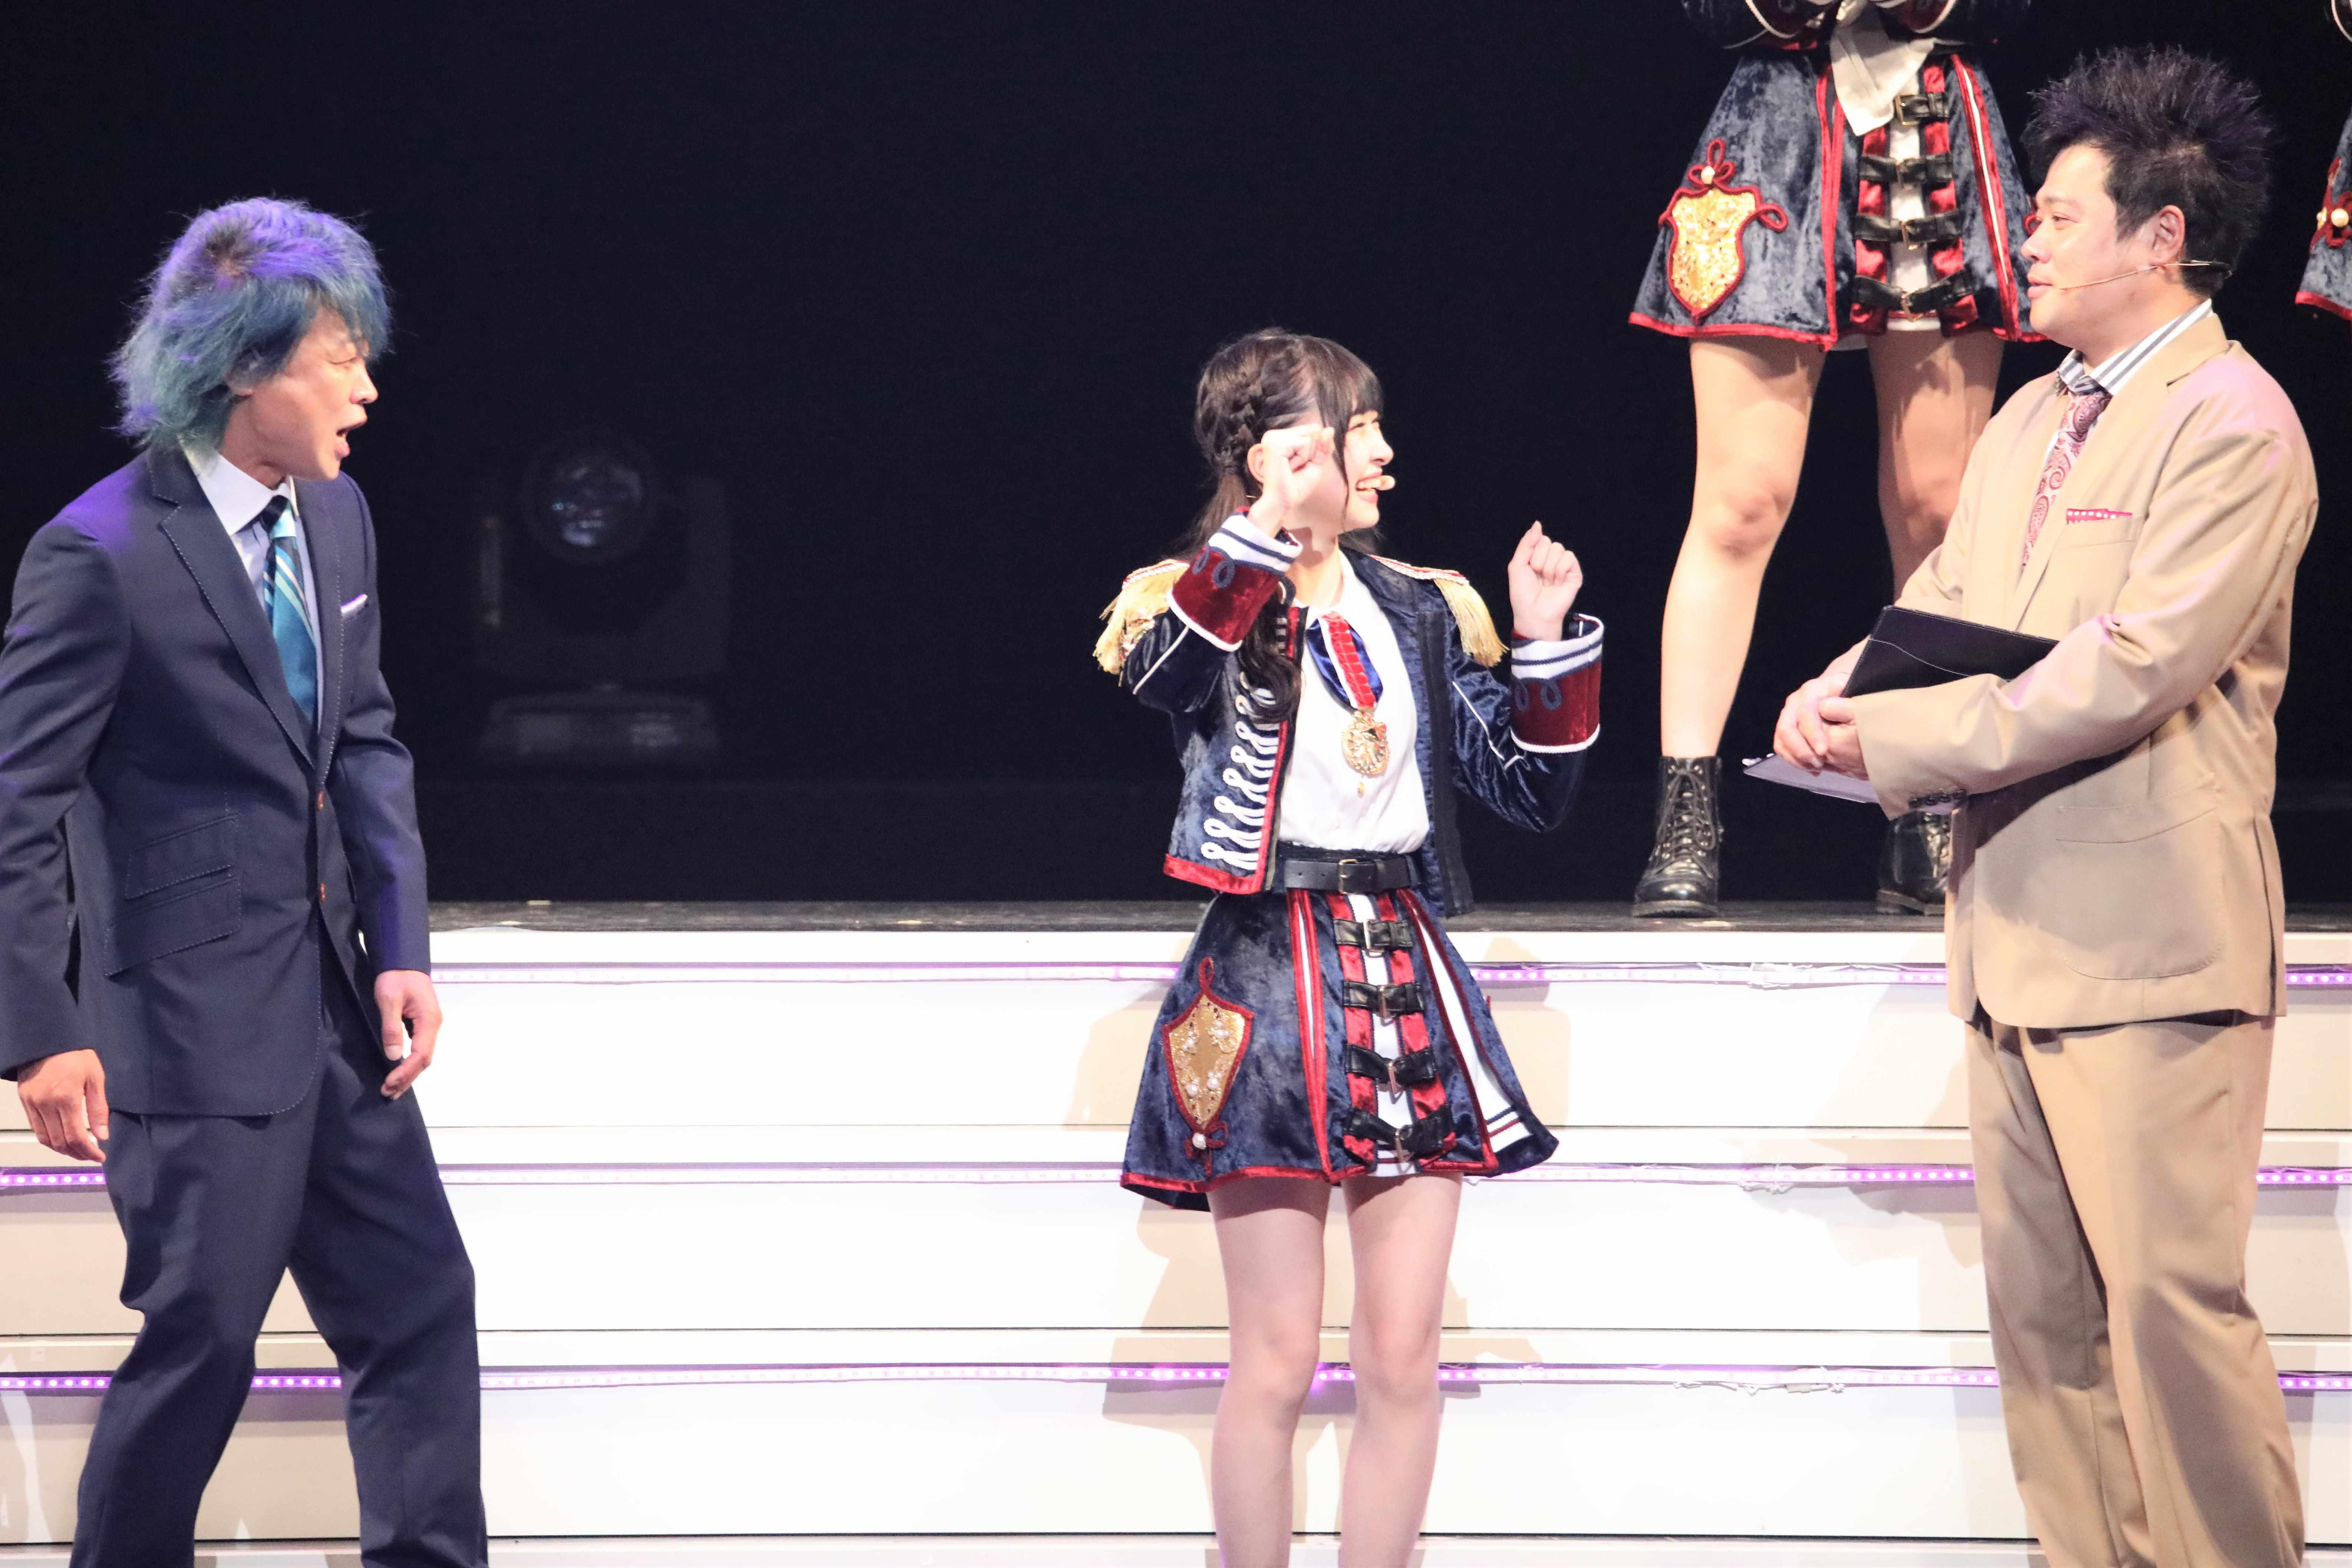 「買ってやるよ!」©AKB48 THE AUDISHOW製作委員会  無断アップロード及び転送は一切禁止です。